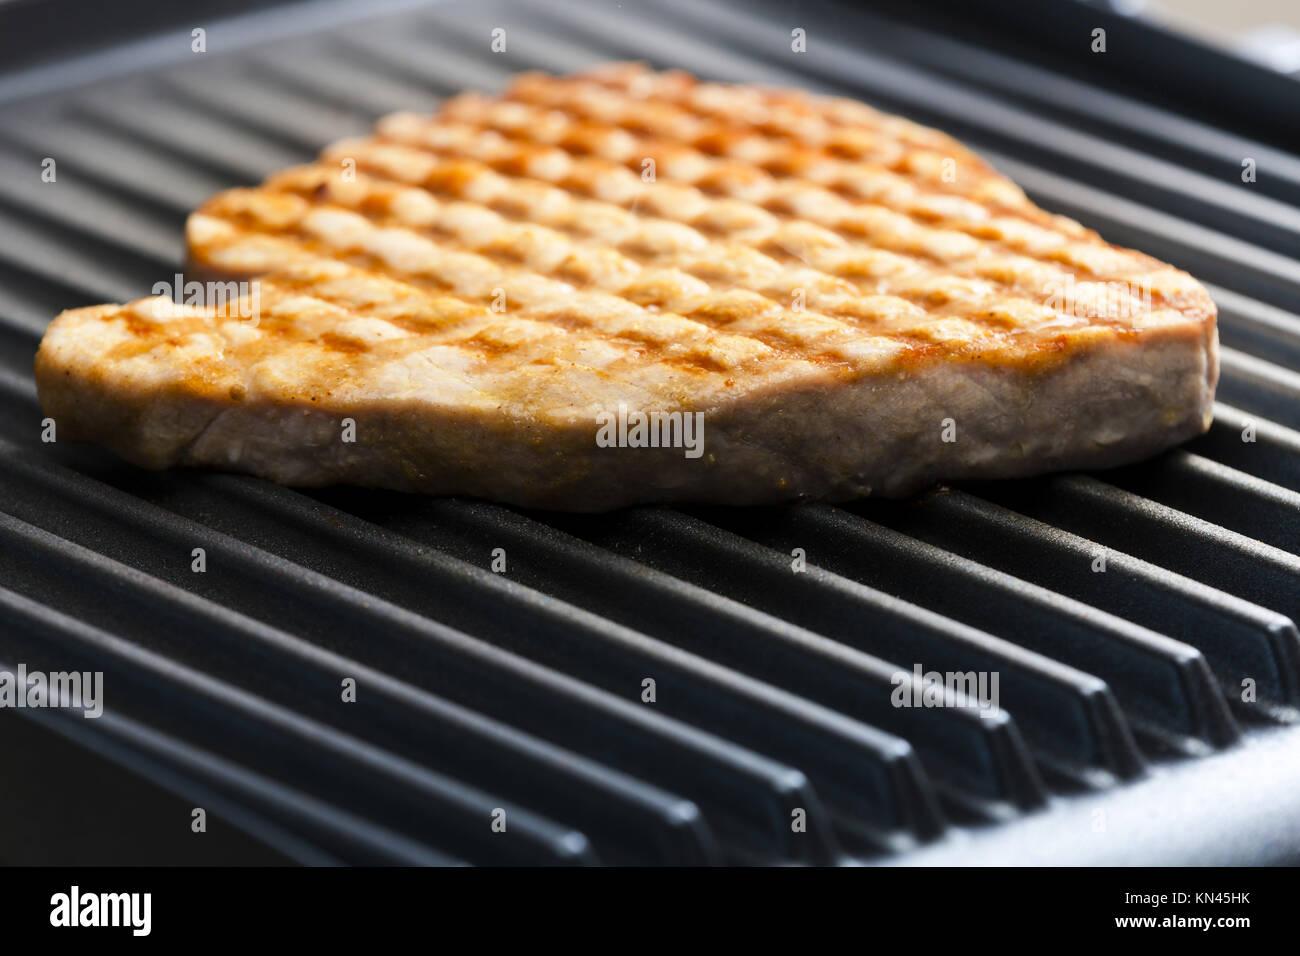 Le steak de thon grill électrique. Photo Stock